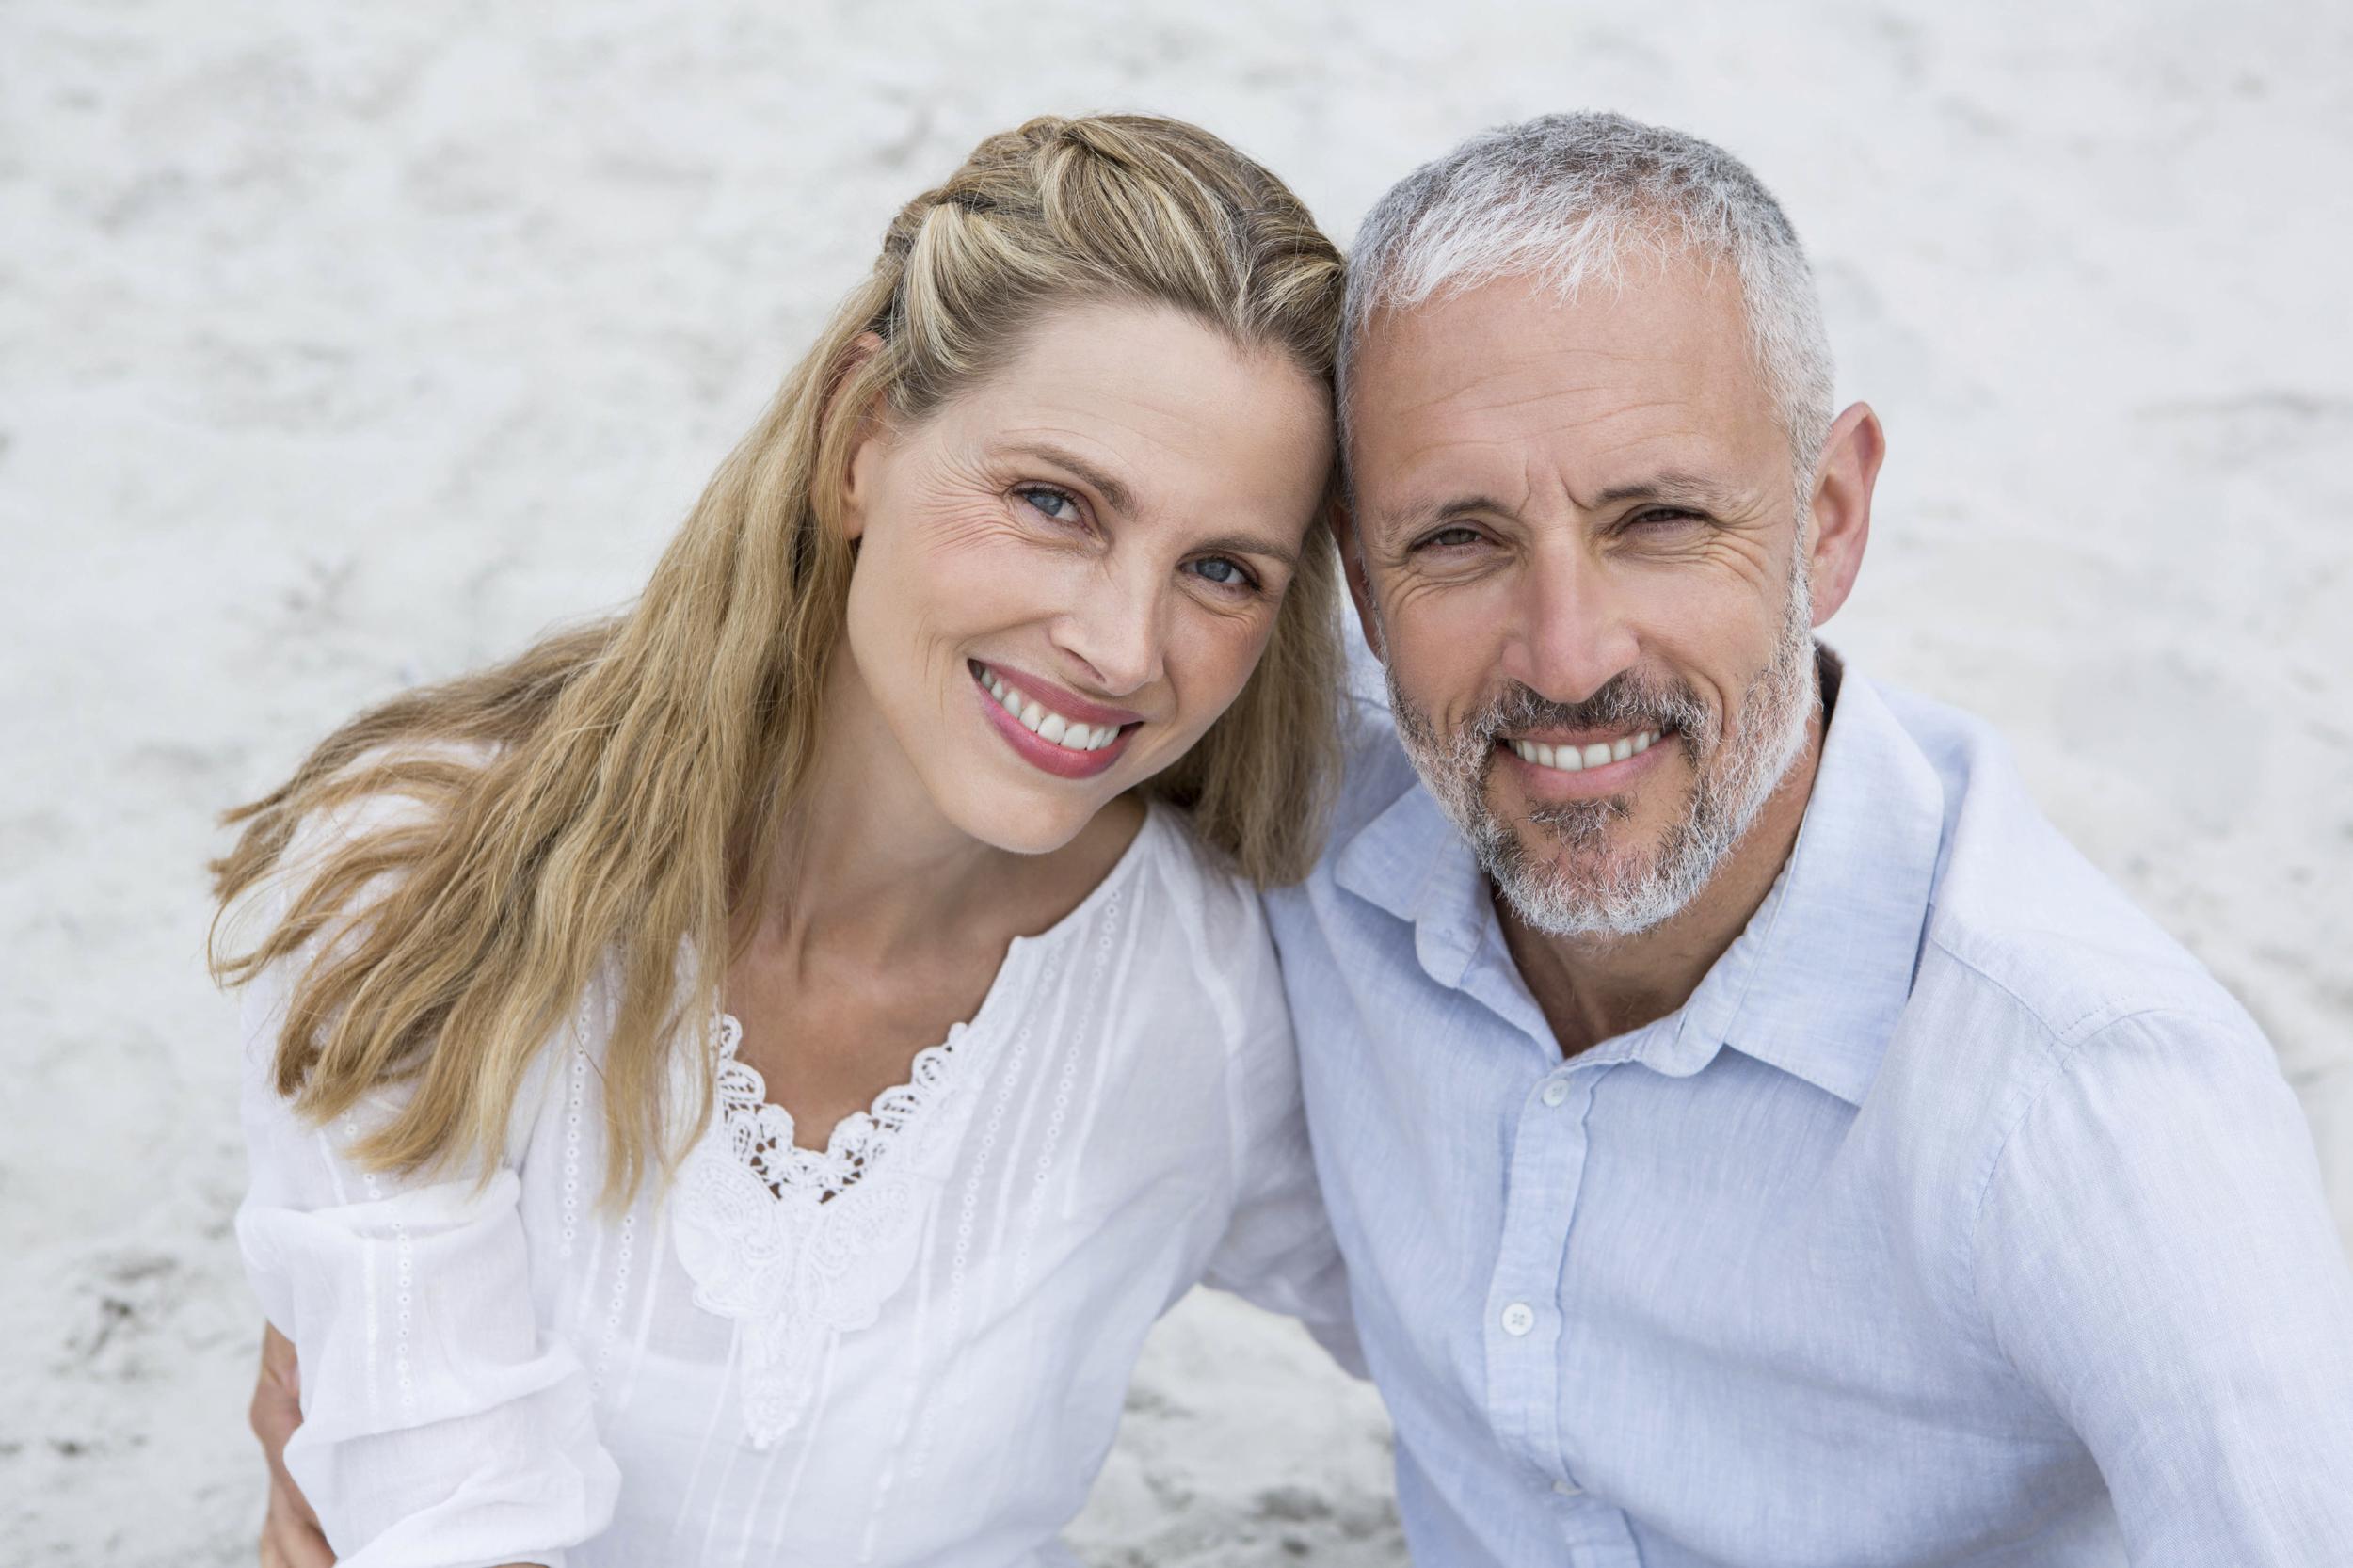 Dental Implants Myrtle Beach SC | Affordable Dental Implants